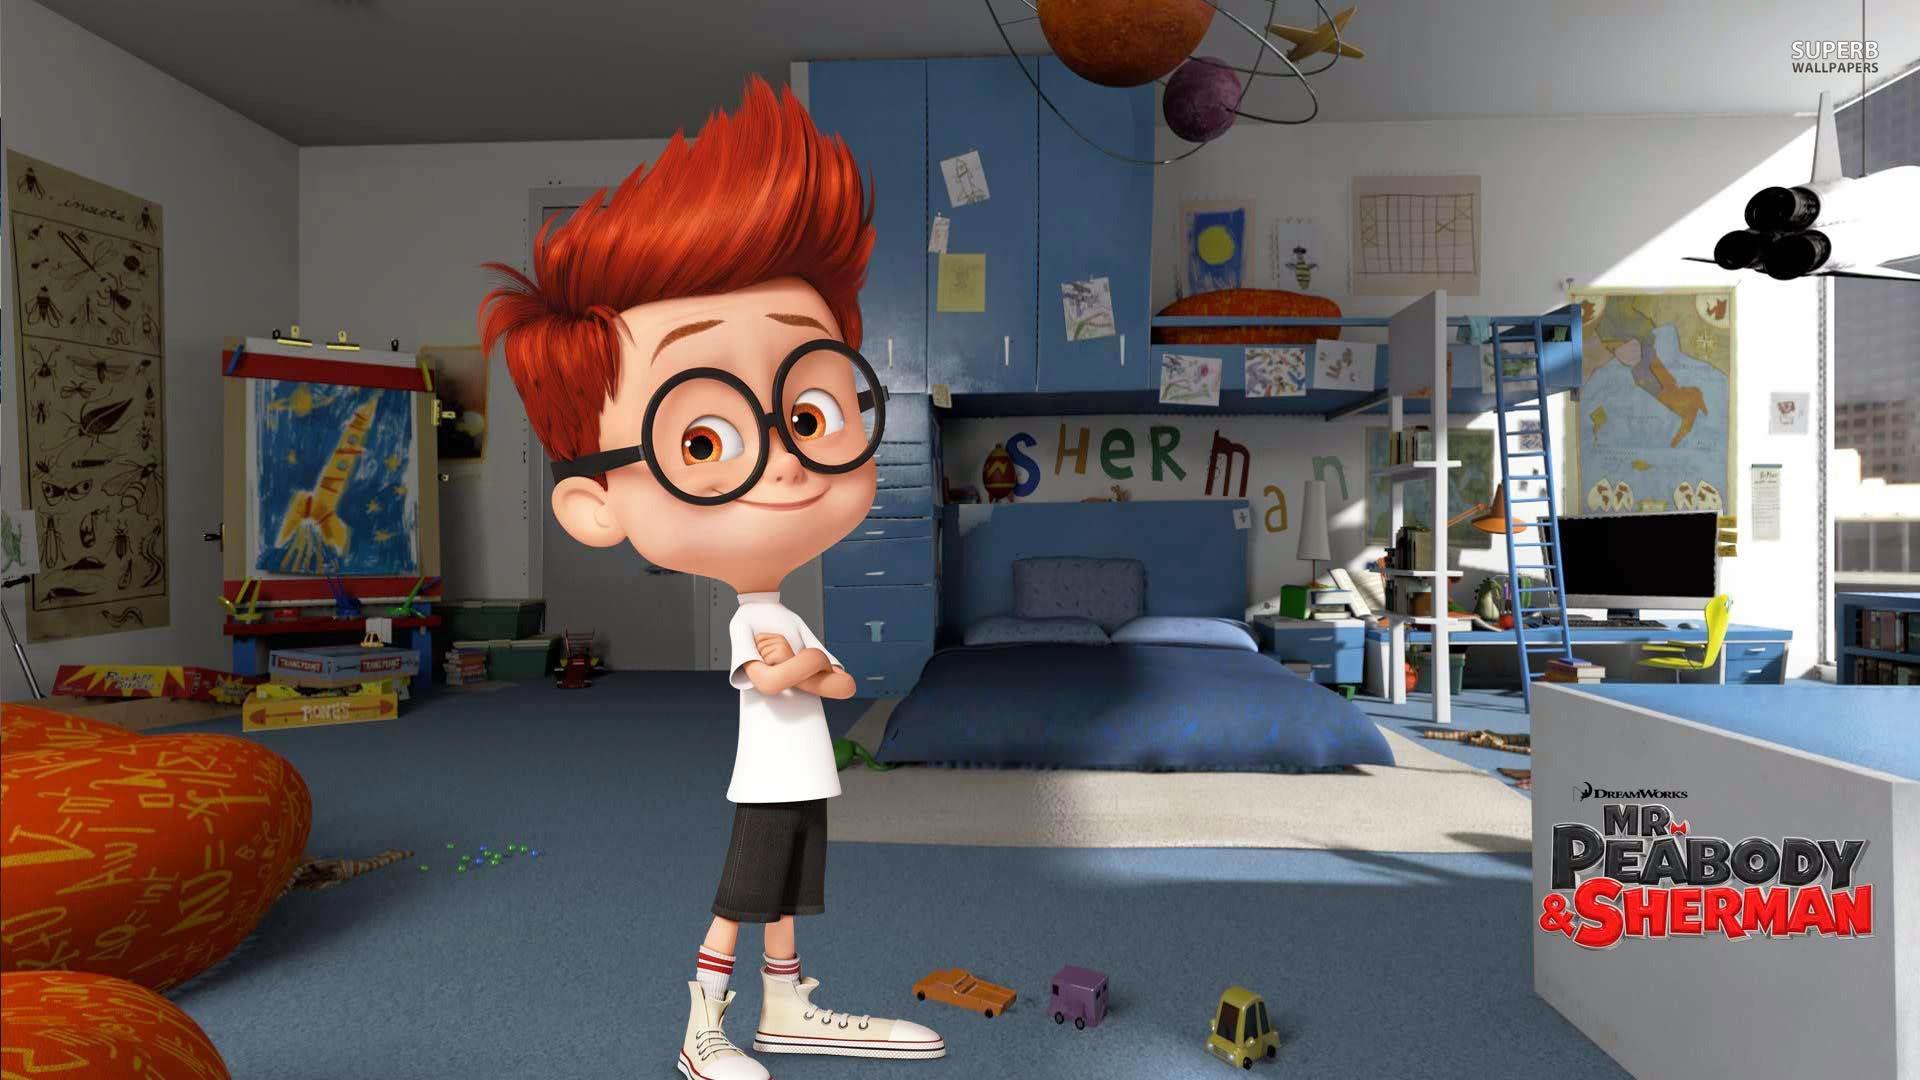 Mr. Peabody & Sherman Movie 9r